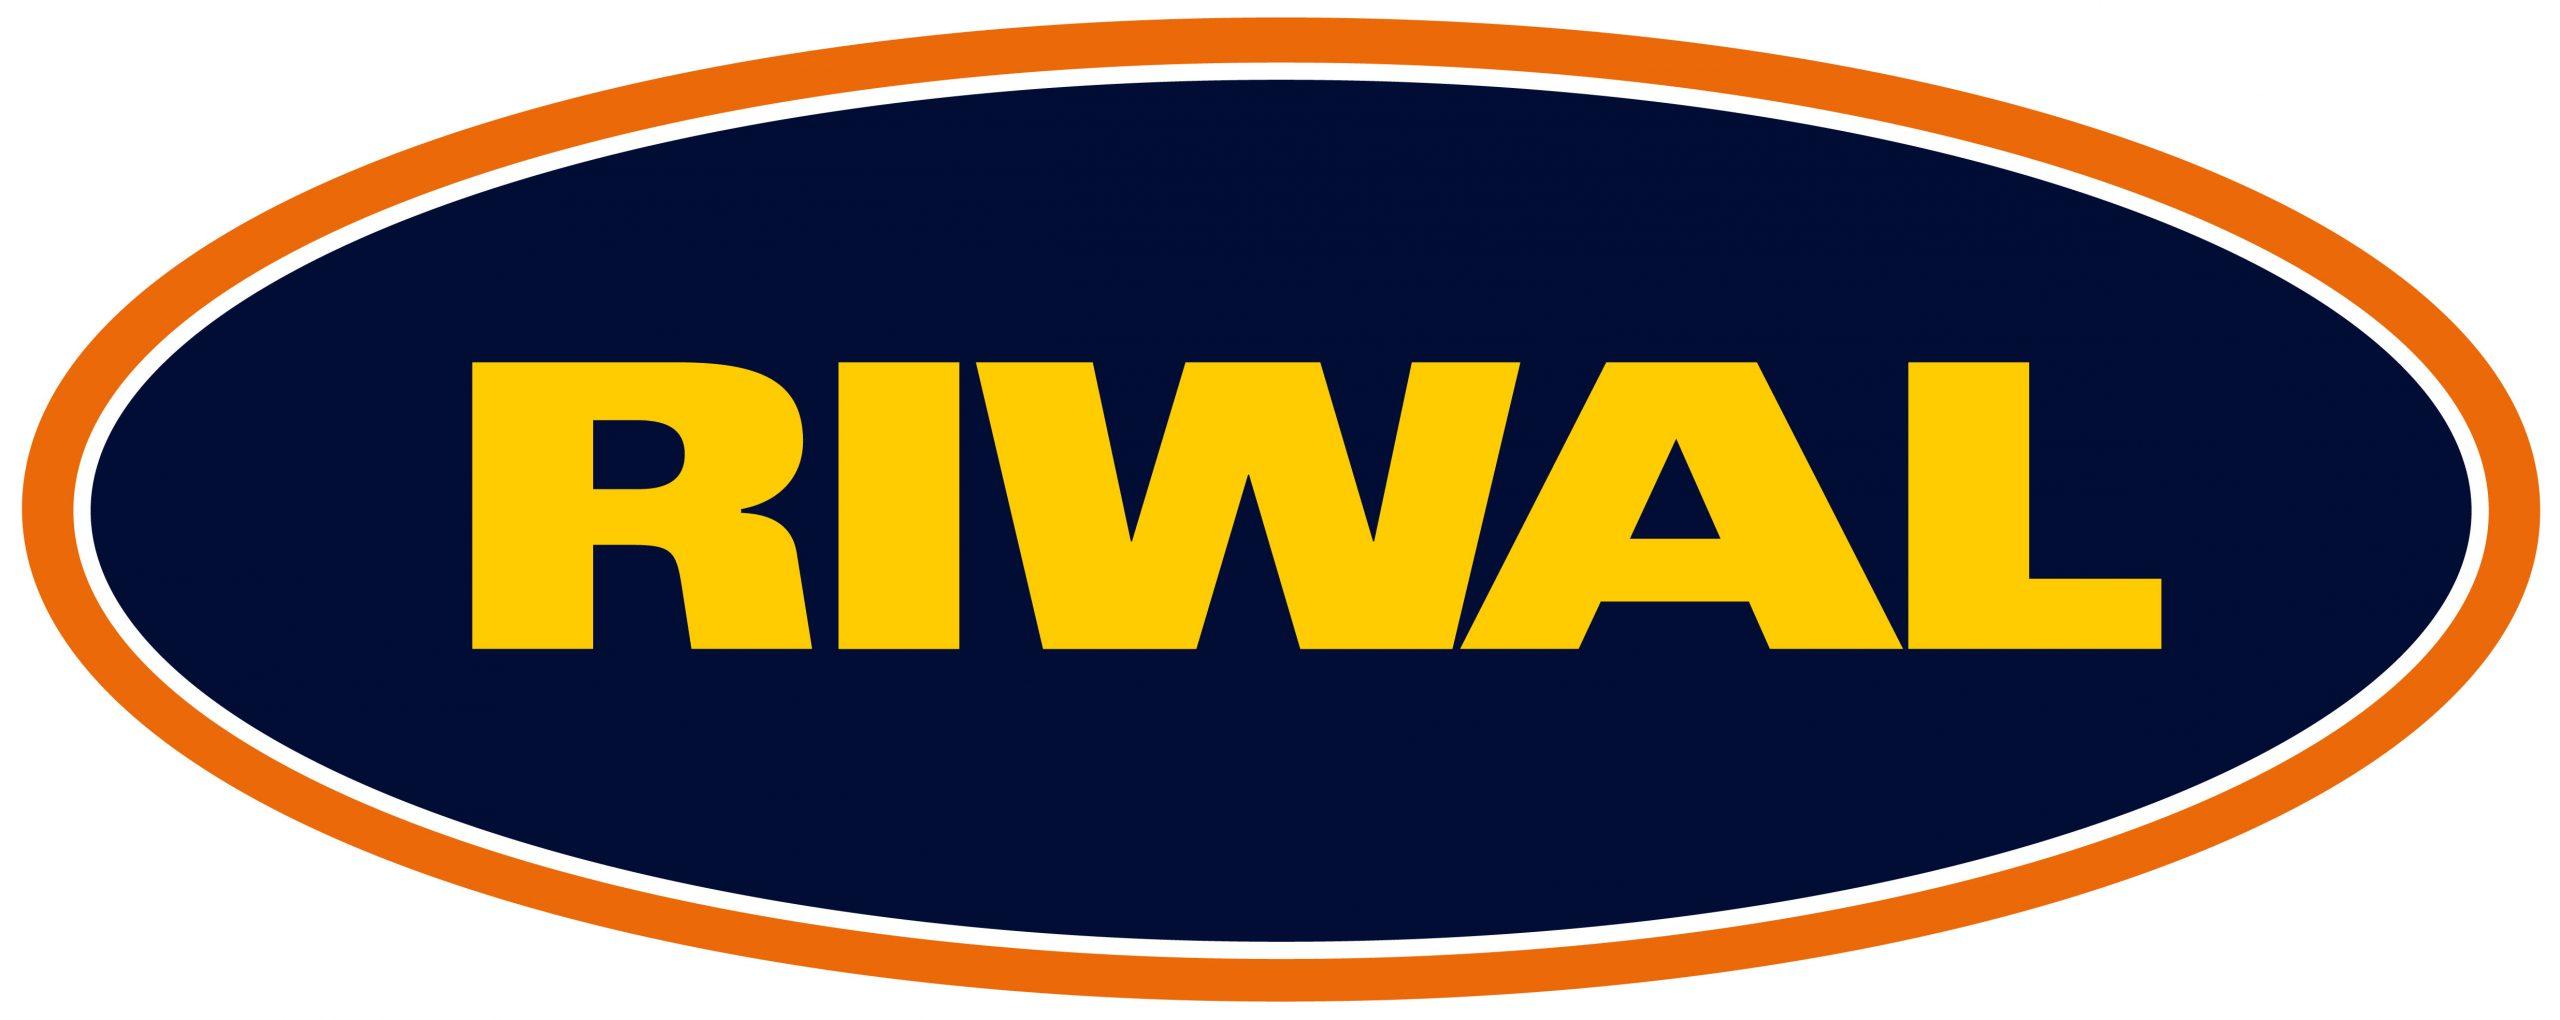 riwal-logo-scaled.jpg